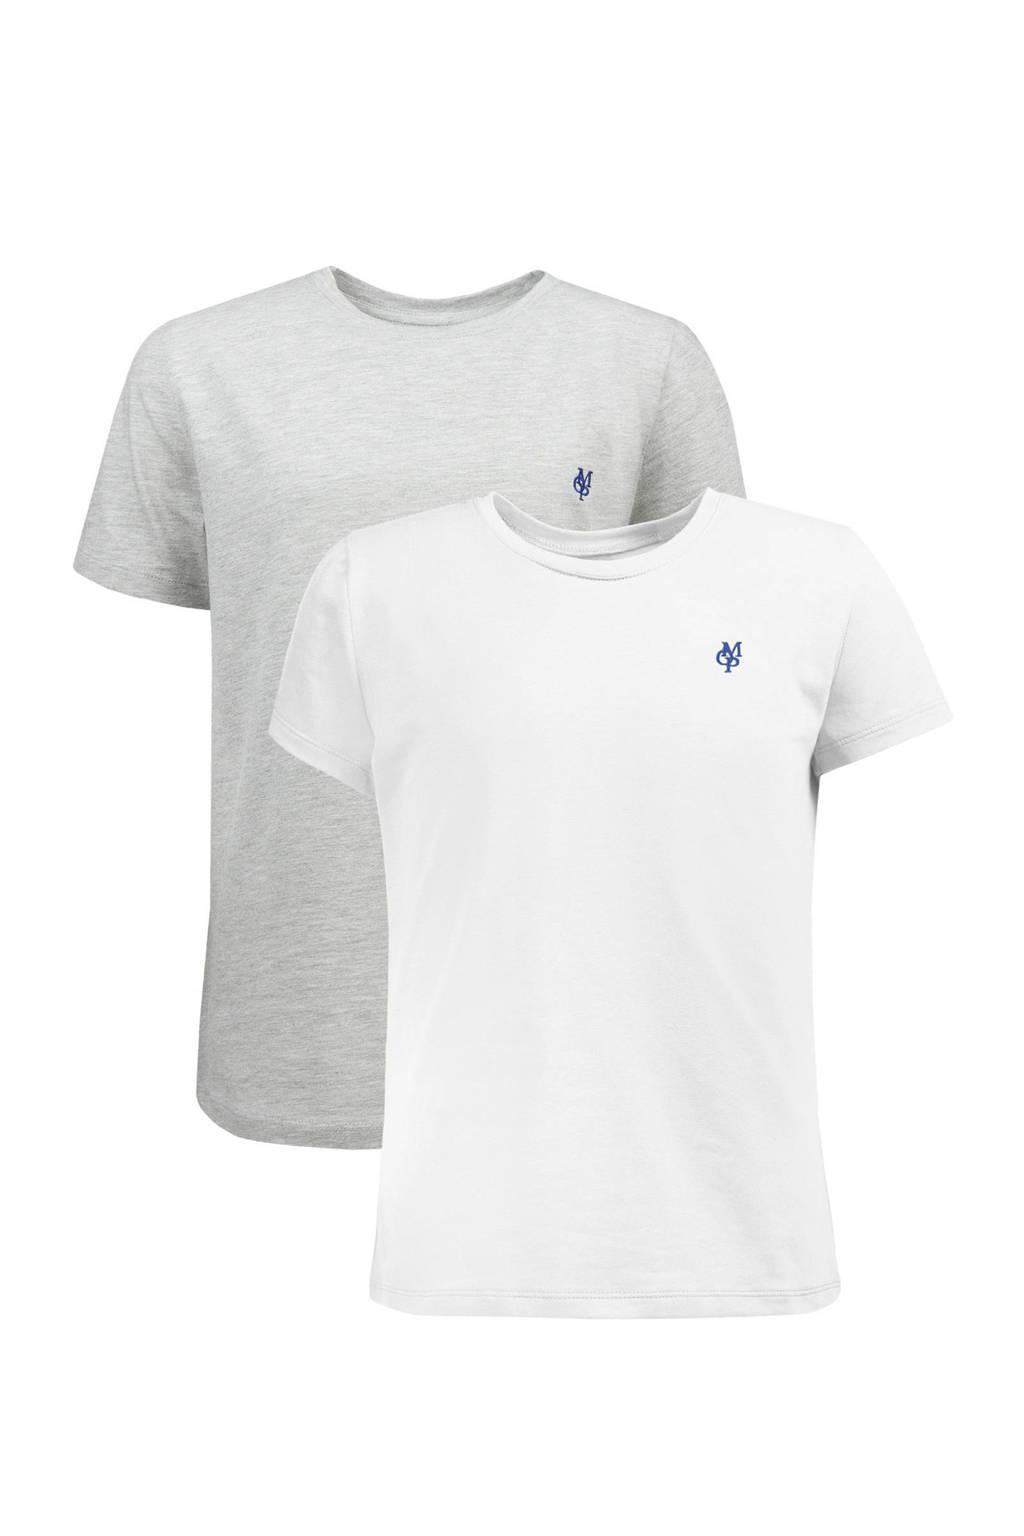 Marc O'Polo T-shirt met korte mouwen (set van 2), grijs melange/ wit